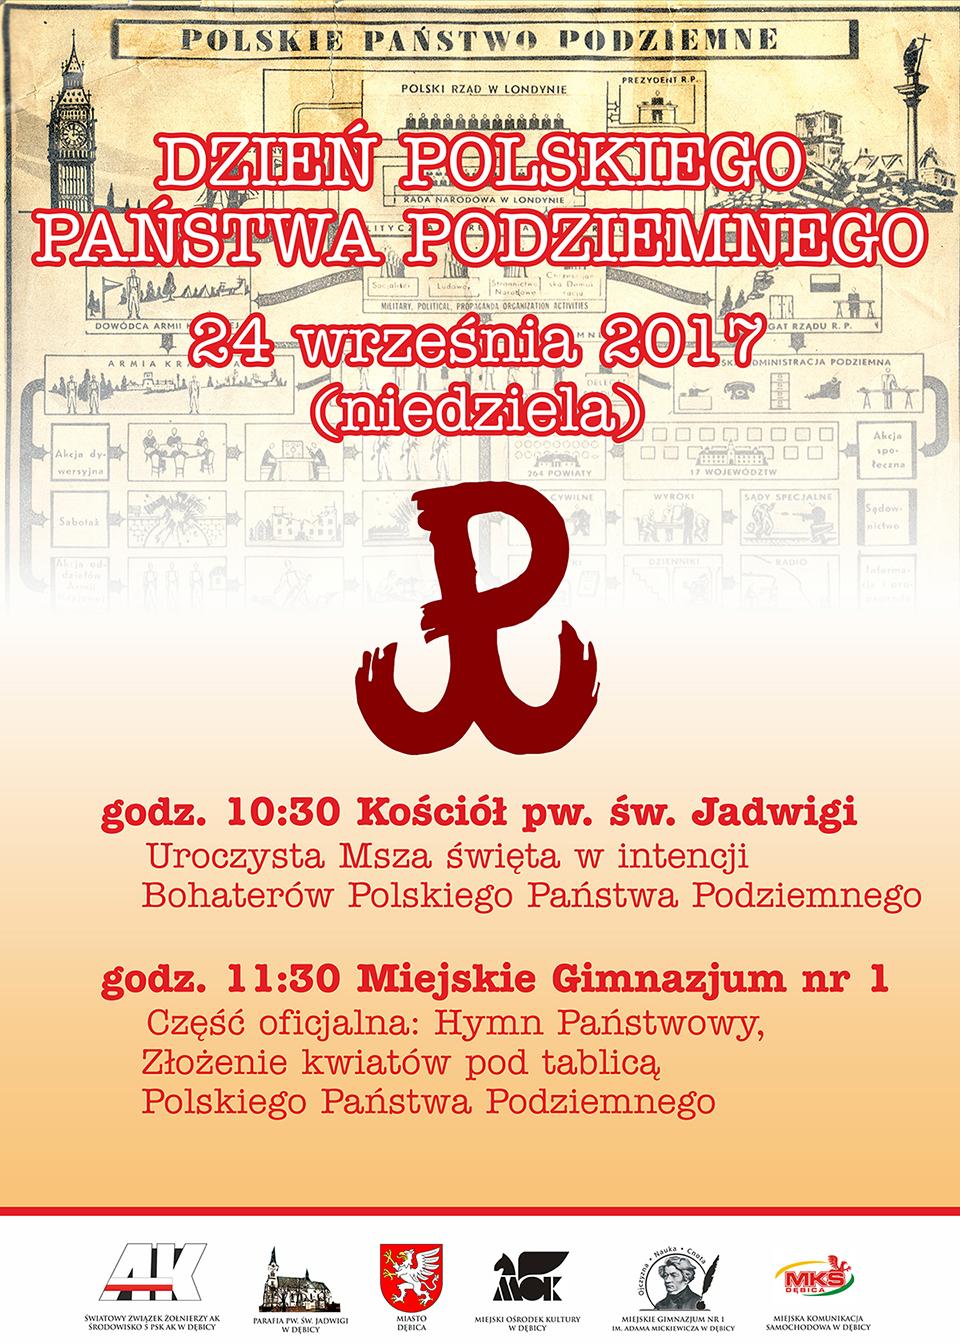 Polskie Państwa Podziemne